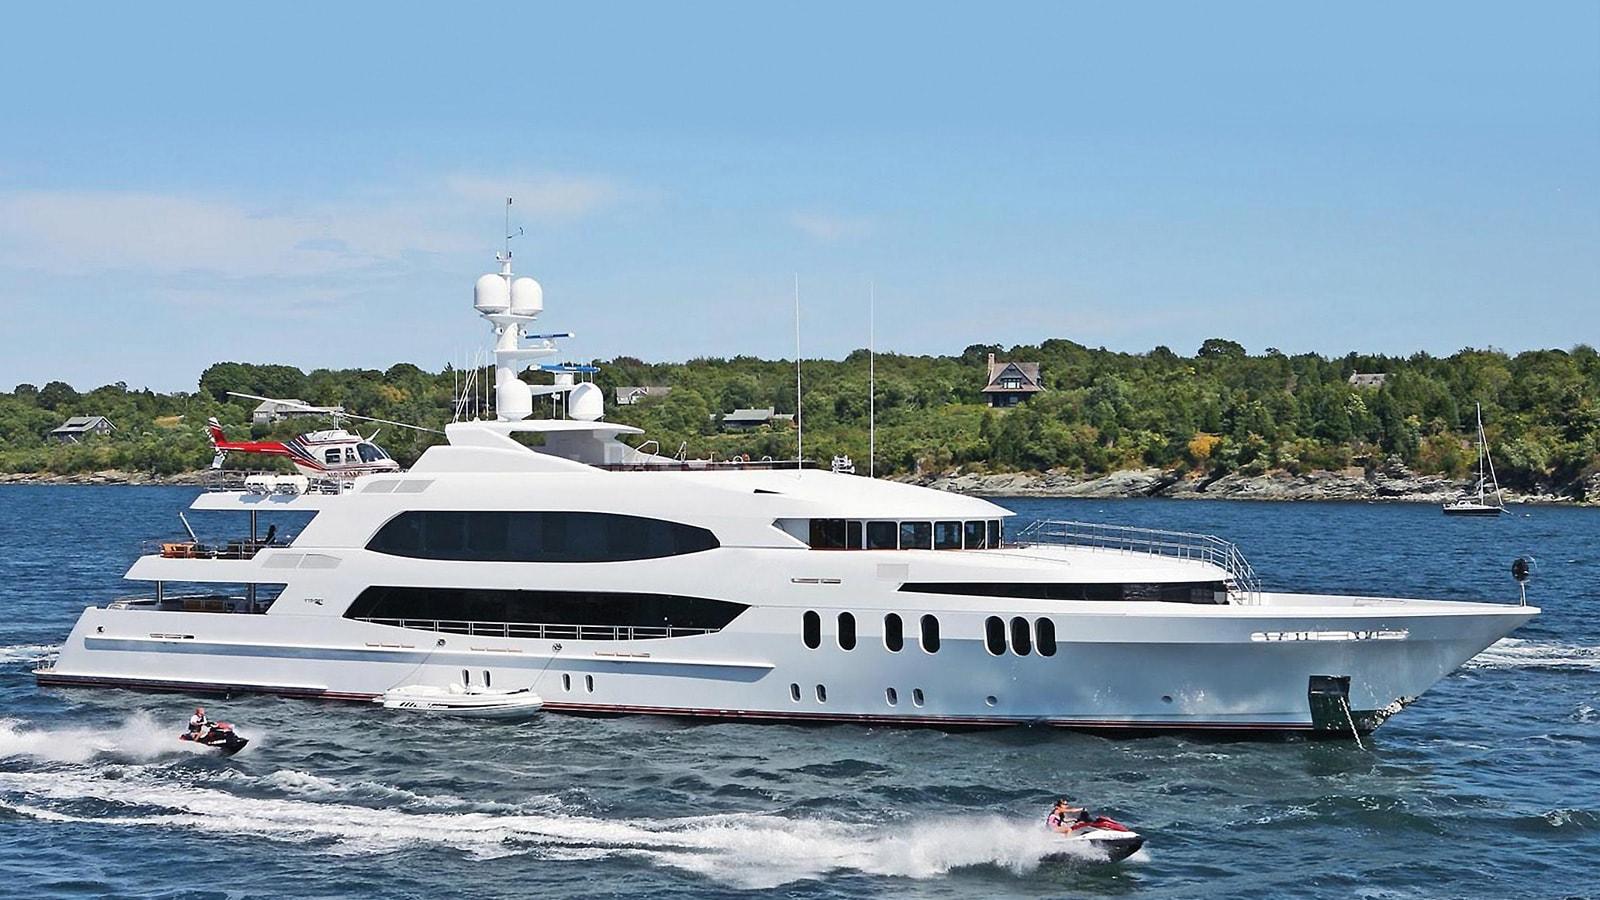 Skyfall Superyacht for Sale